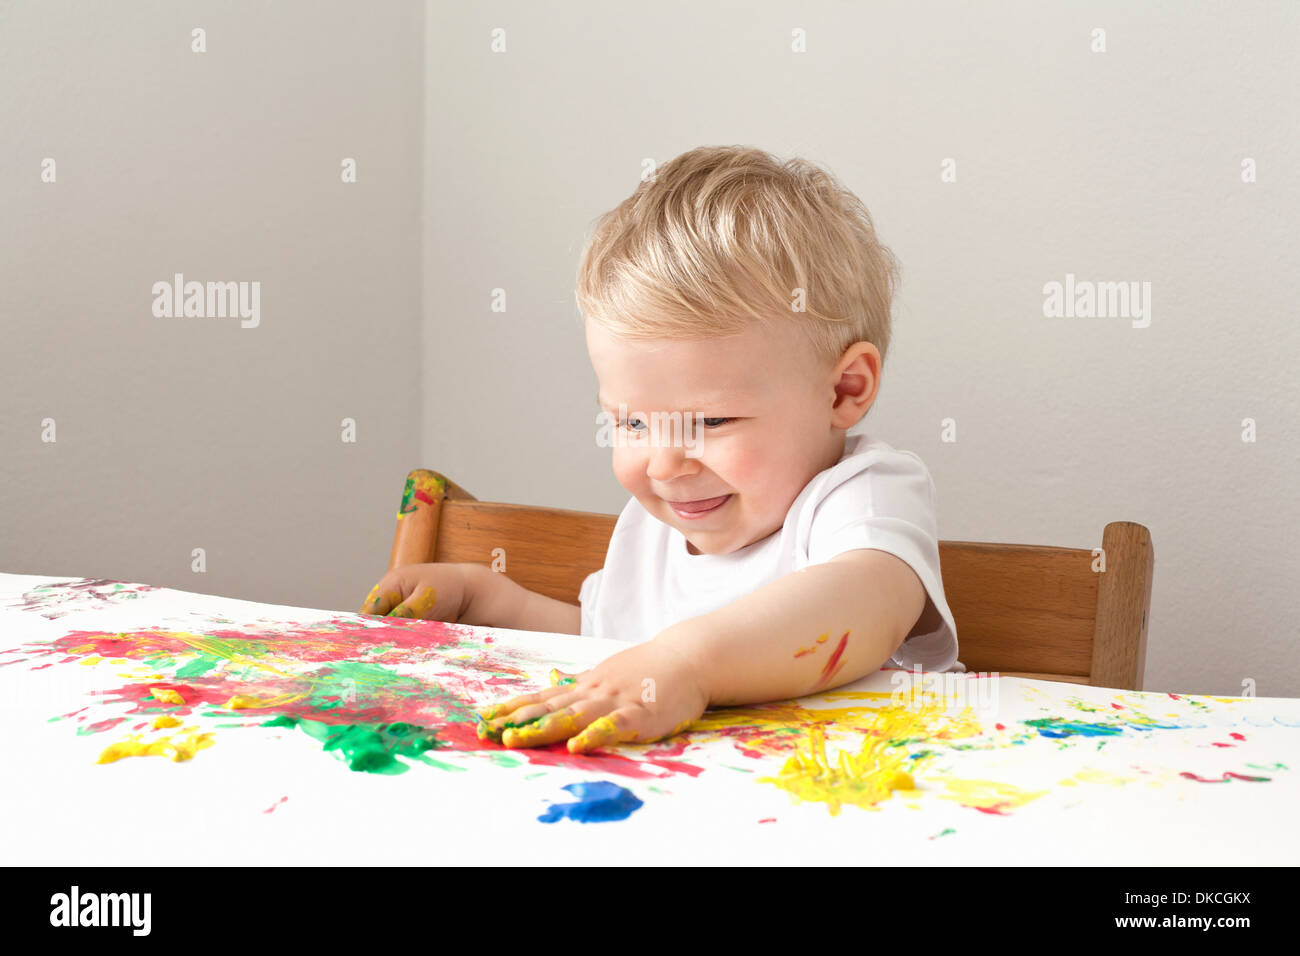 Petit Garçon jouant avec les peintures au doigt Photo Stock